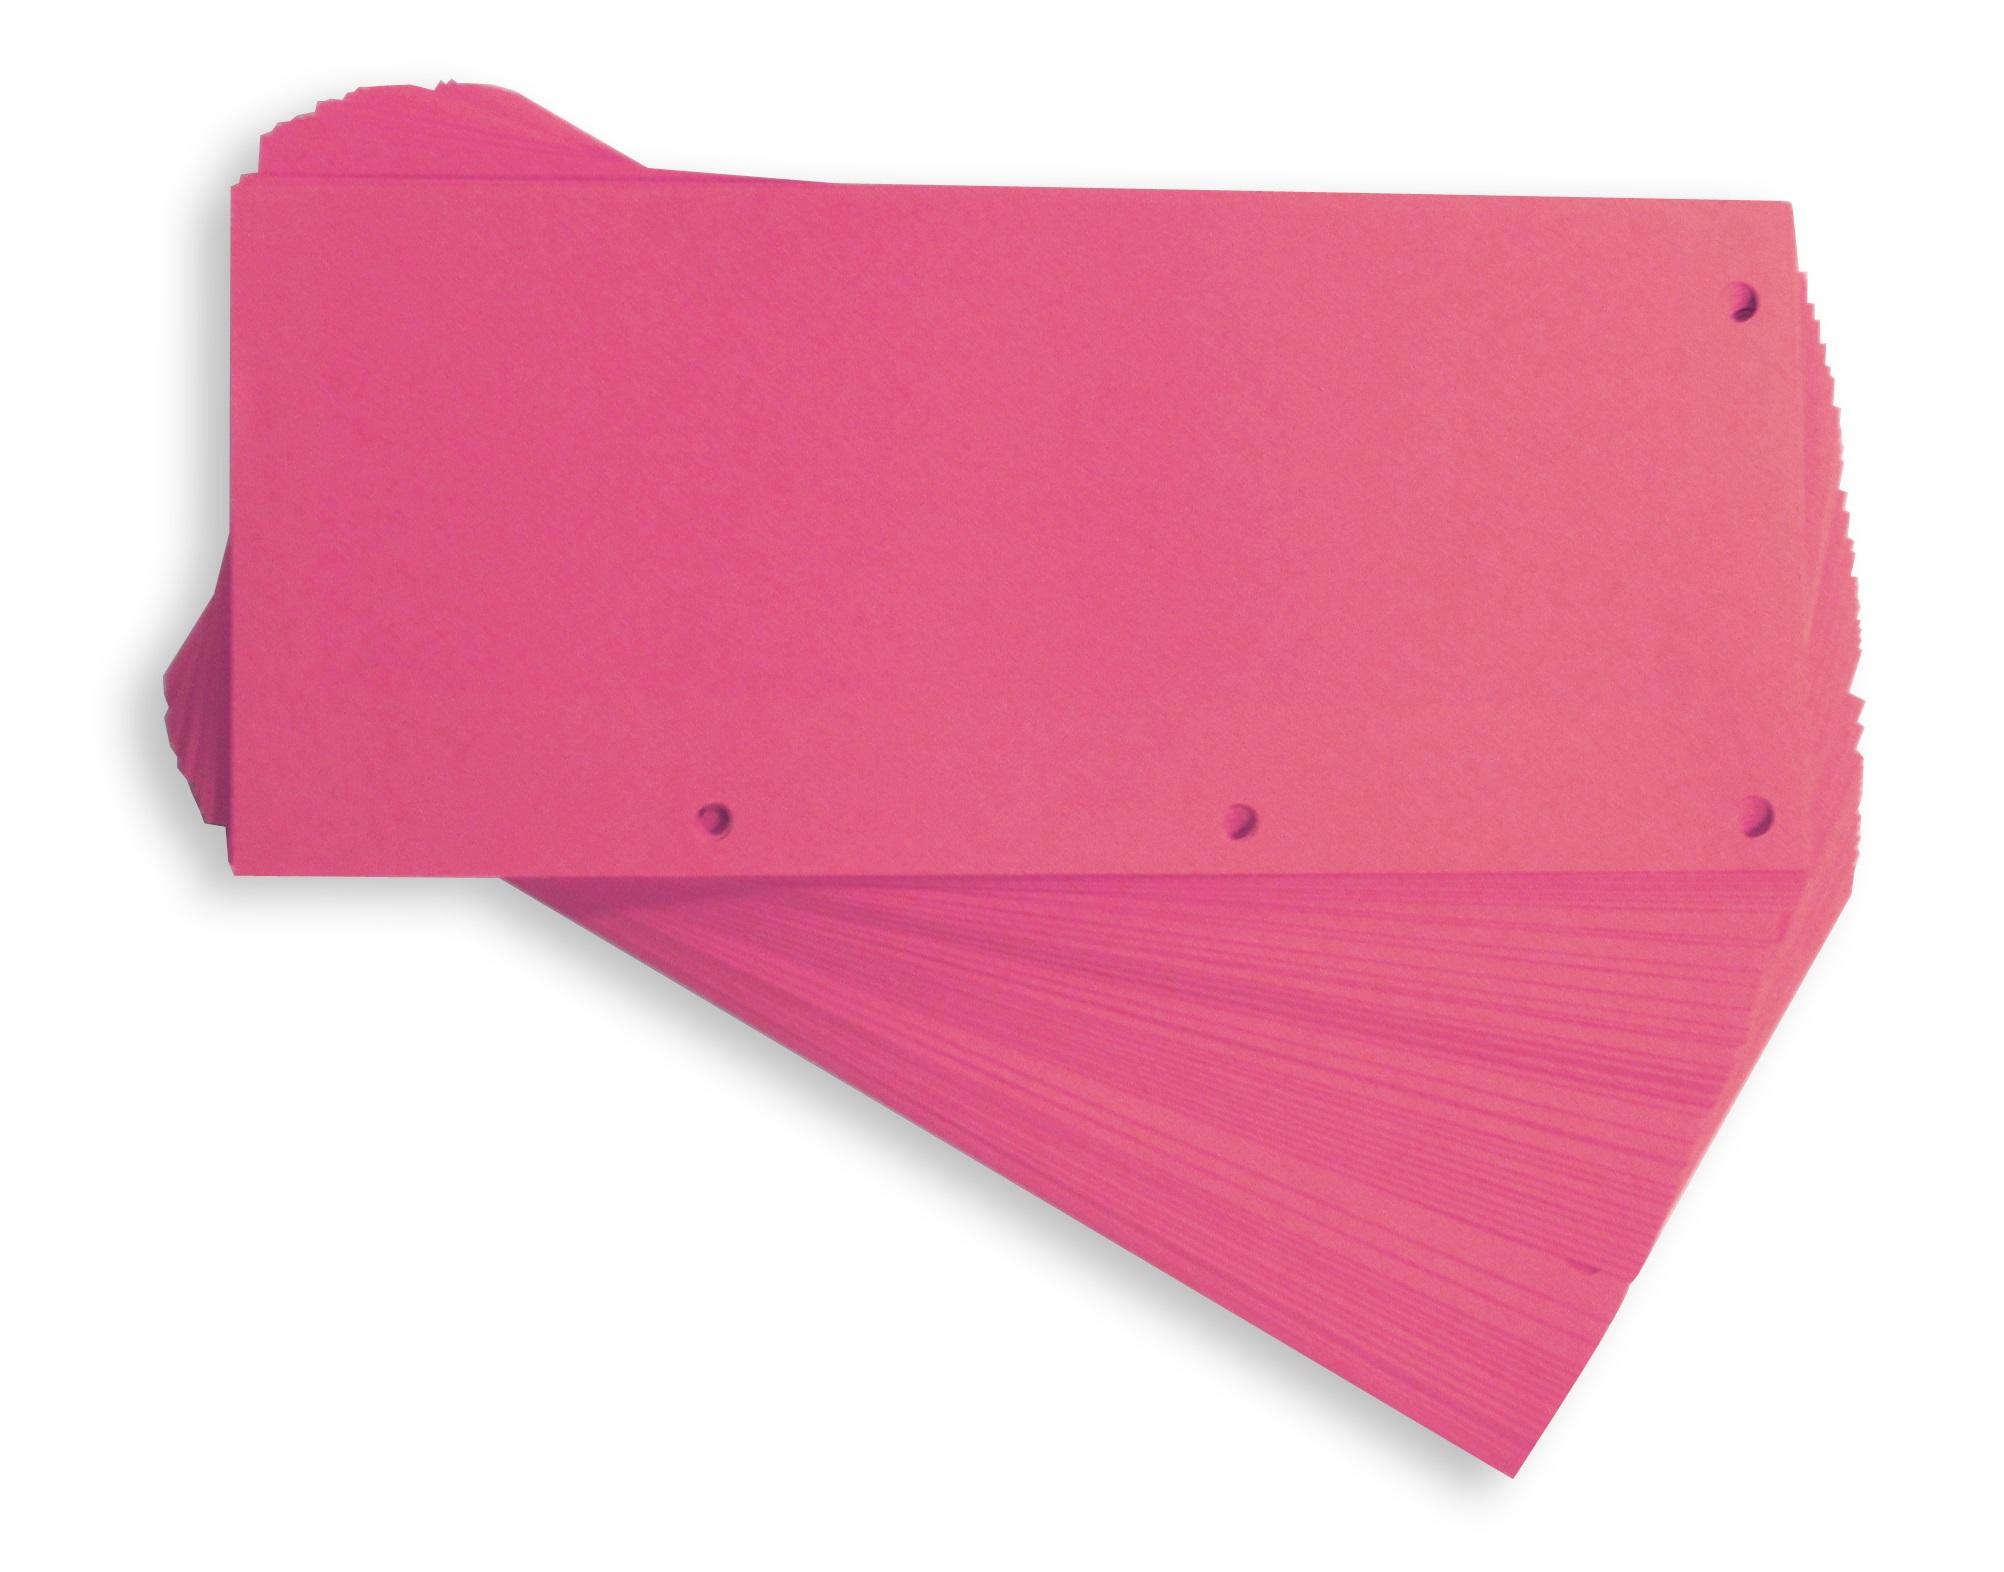 Separatoare carton pentru biblioraft, 190g/mp, 105 x 240 mm, 60/set, ELBA Duo - roz